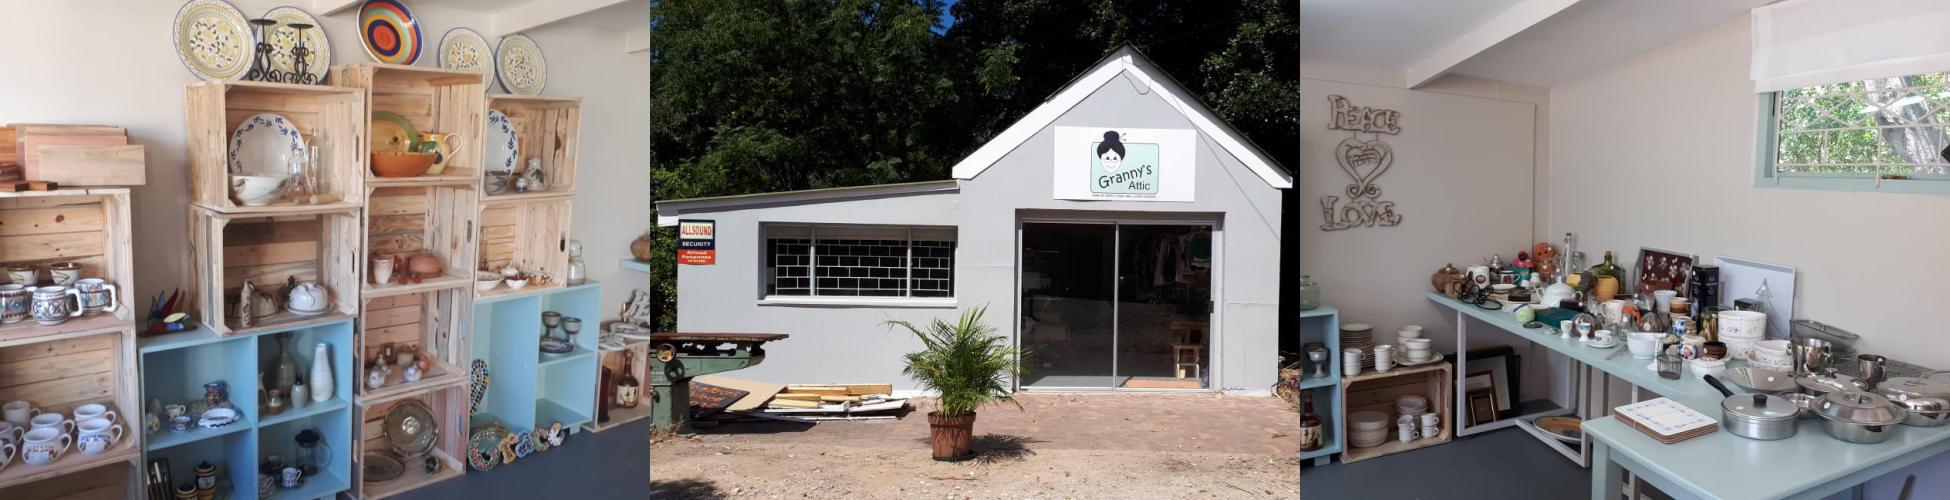 'Granny's Attic' charity shop knysna